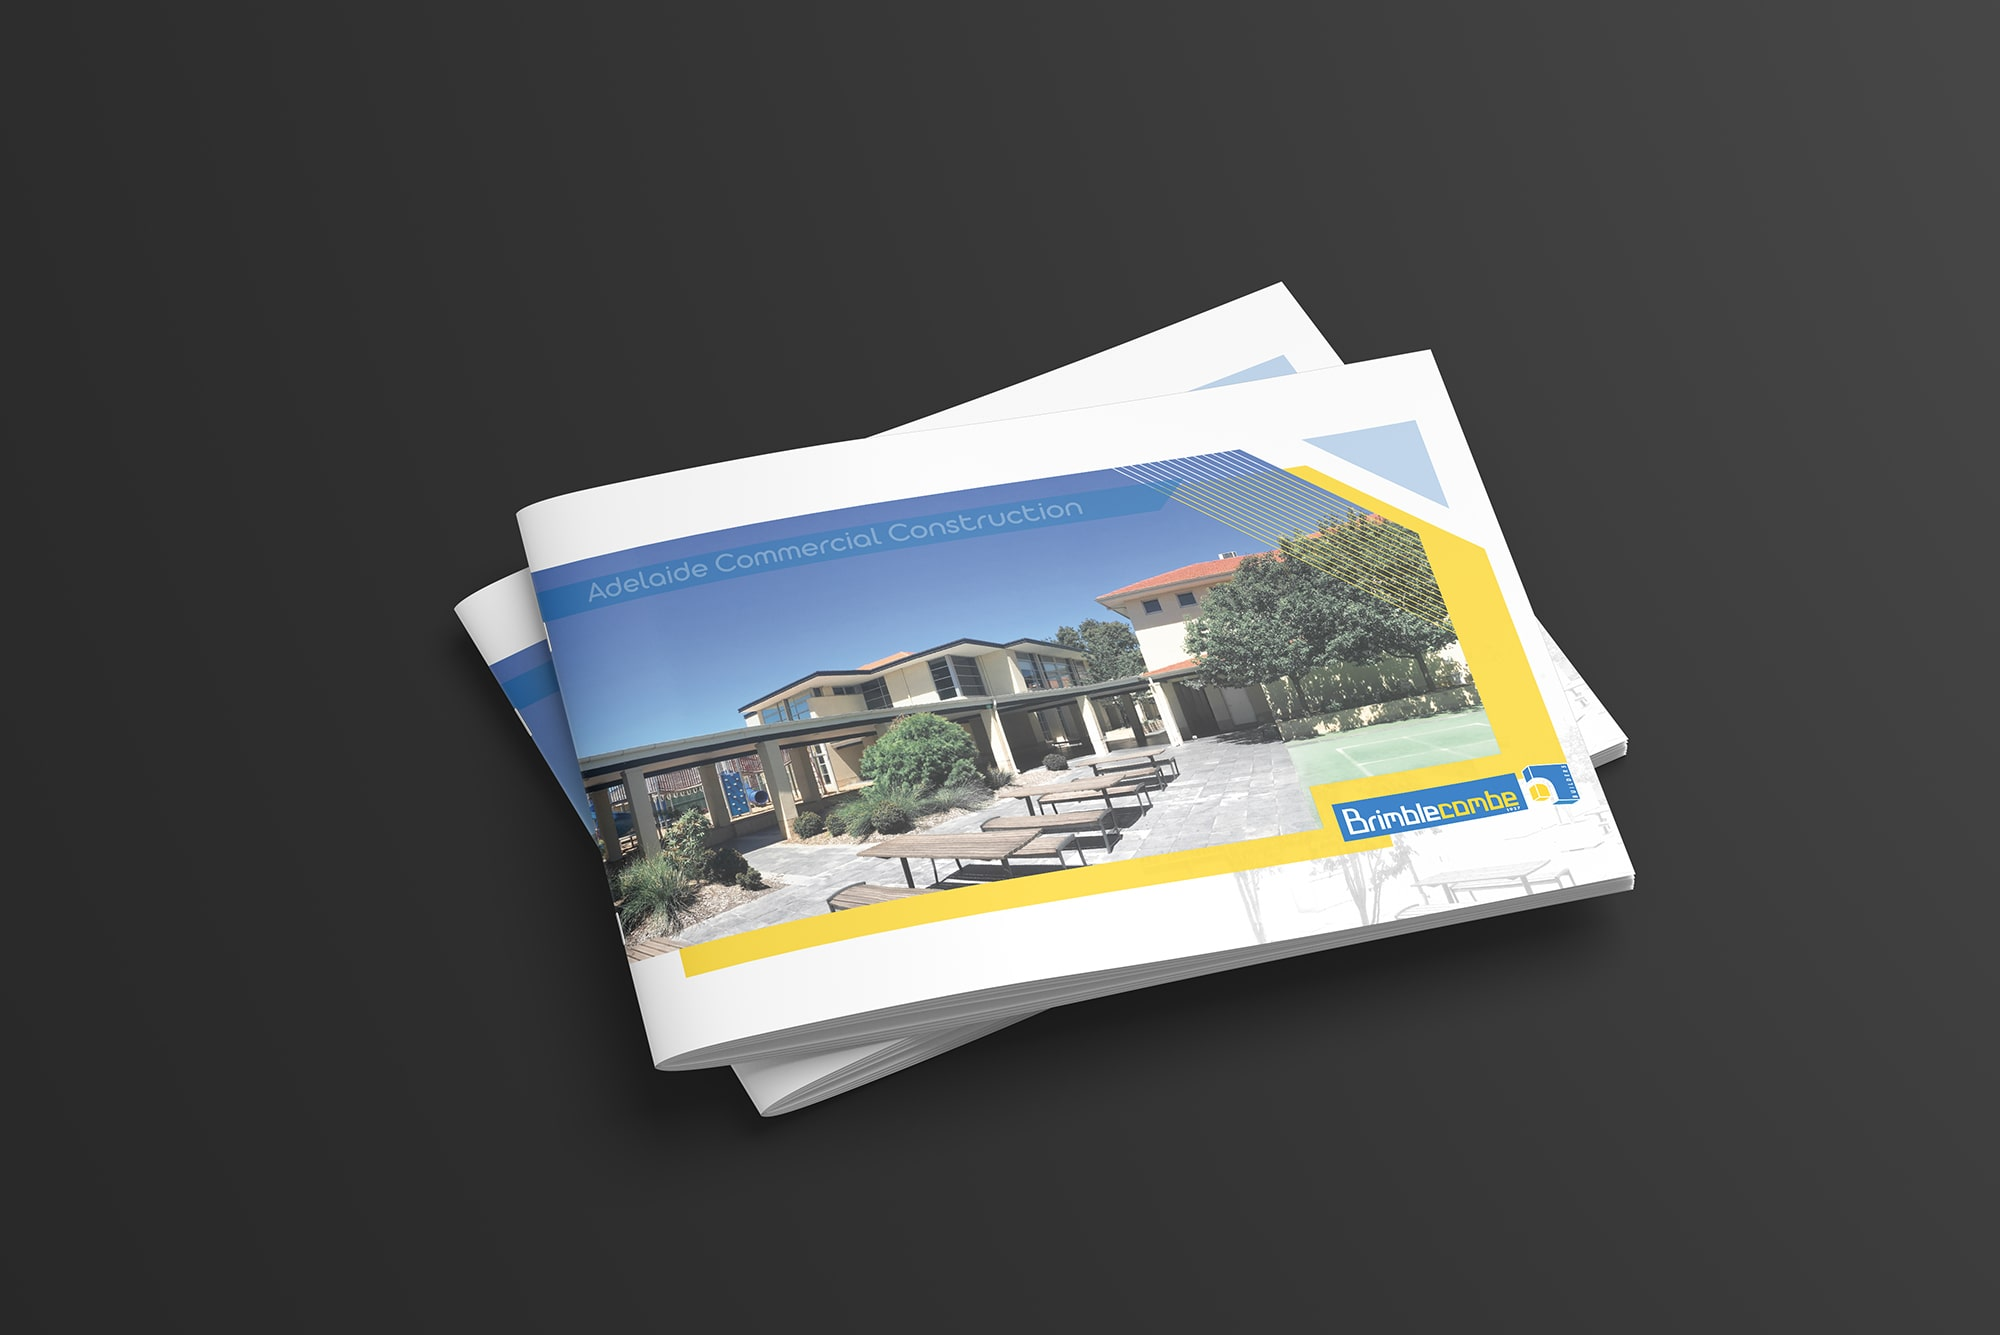 Broszura dla firmy budowlanej projekt graficzny